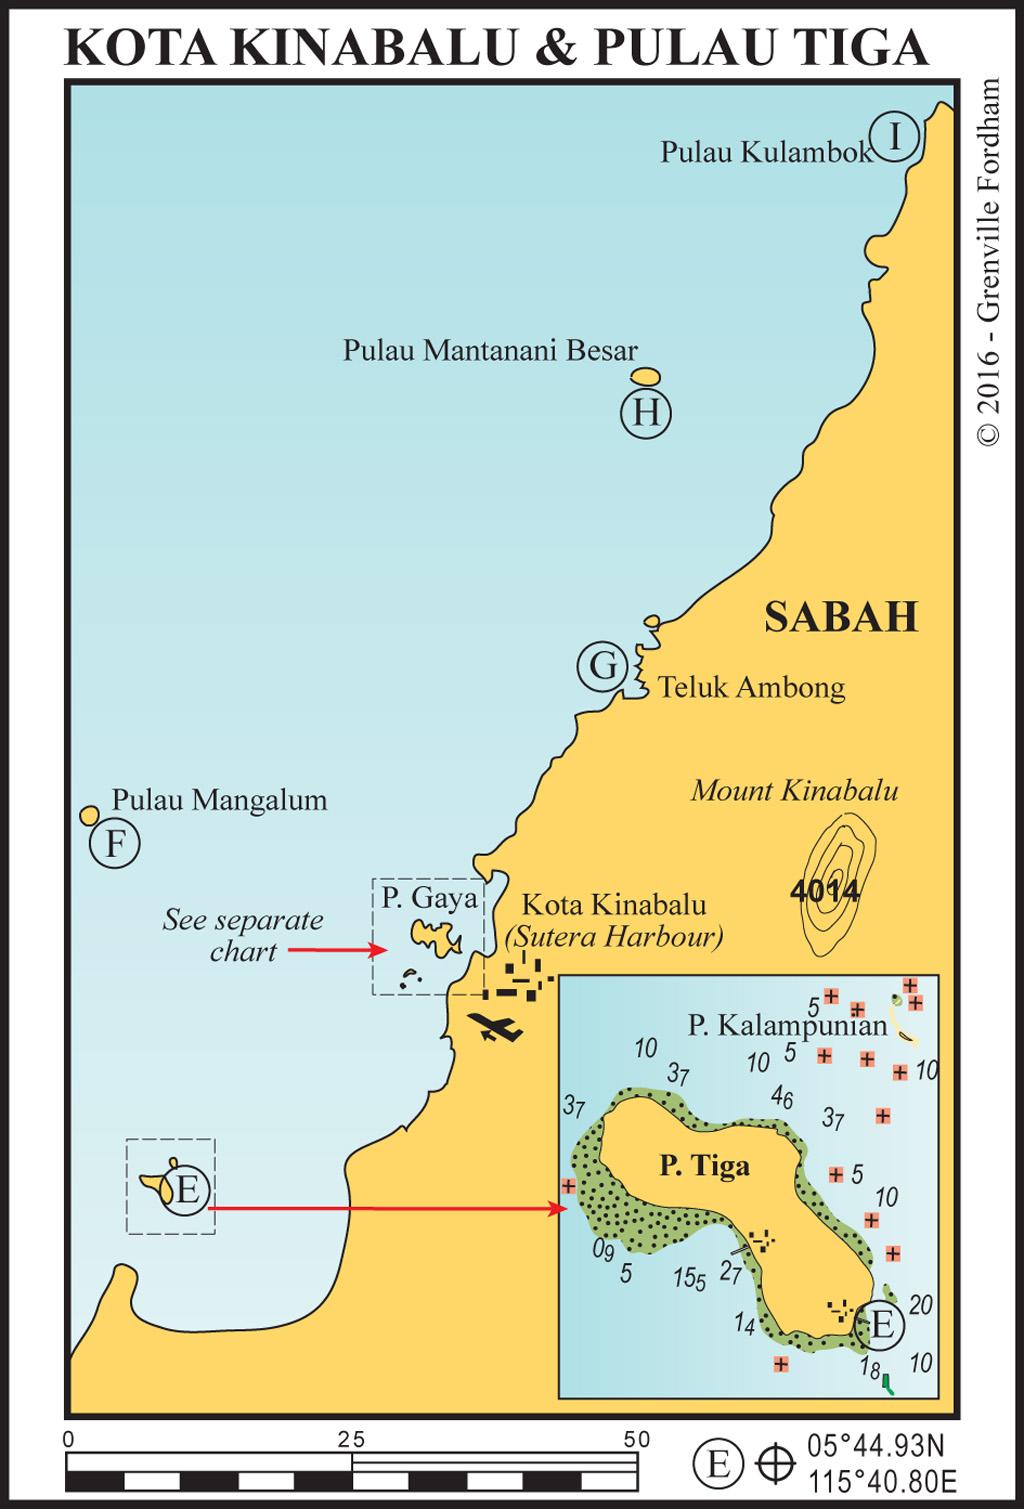 Kota Kinabalu & Pulau Tiga